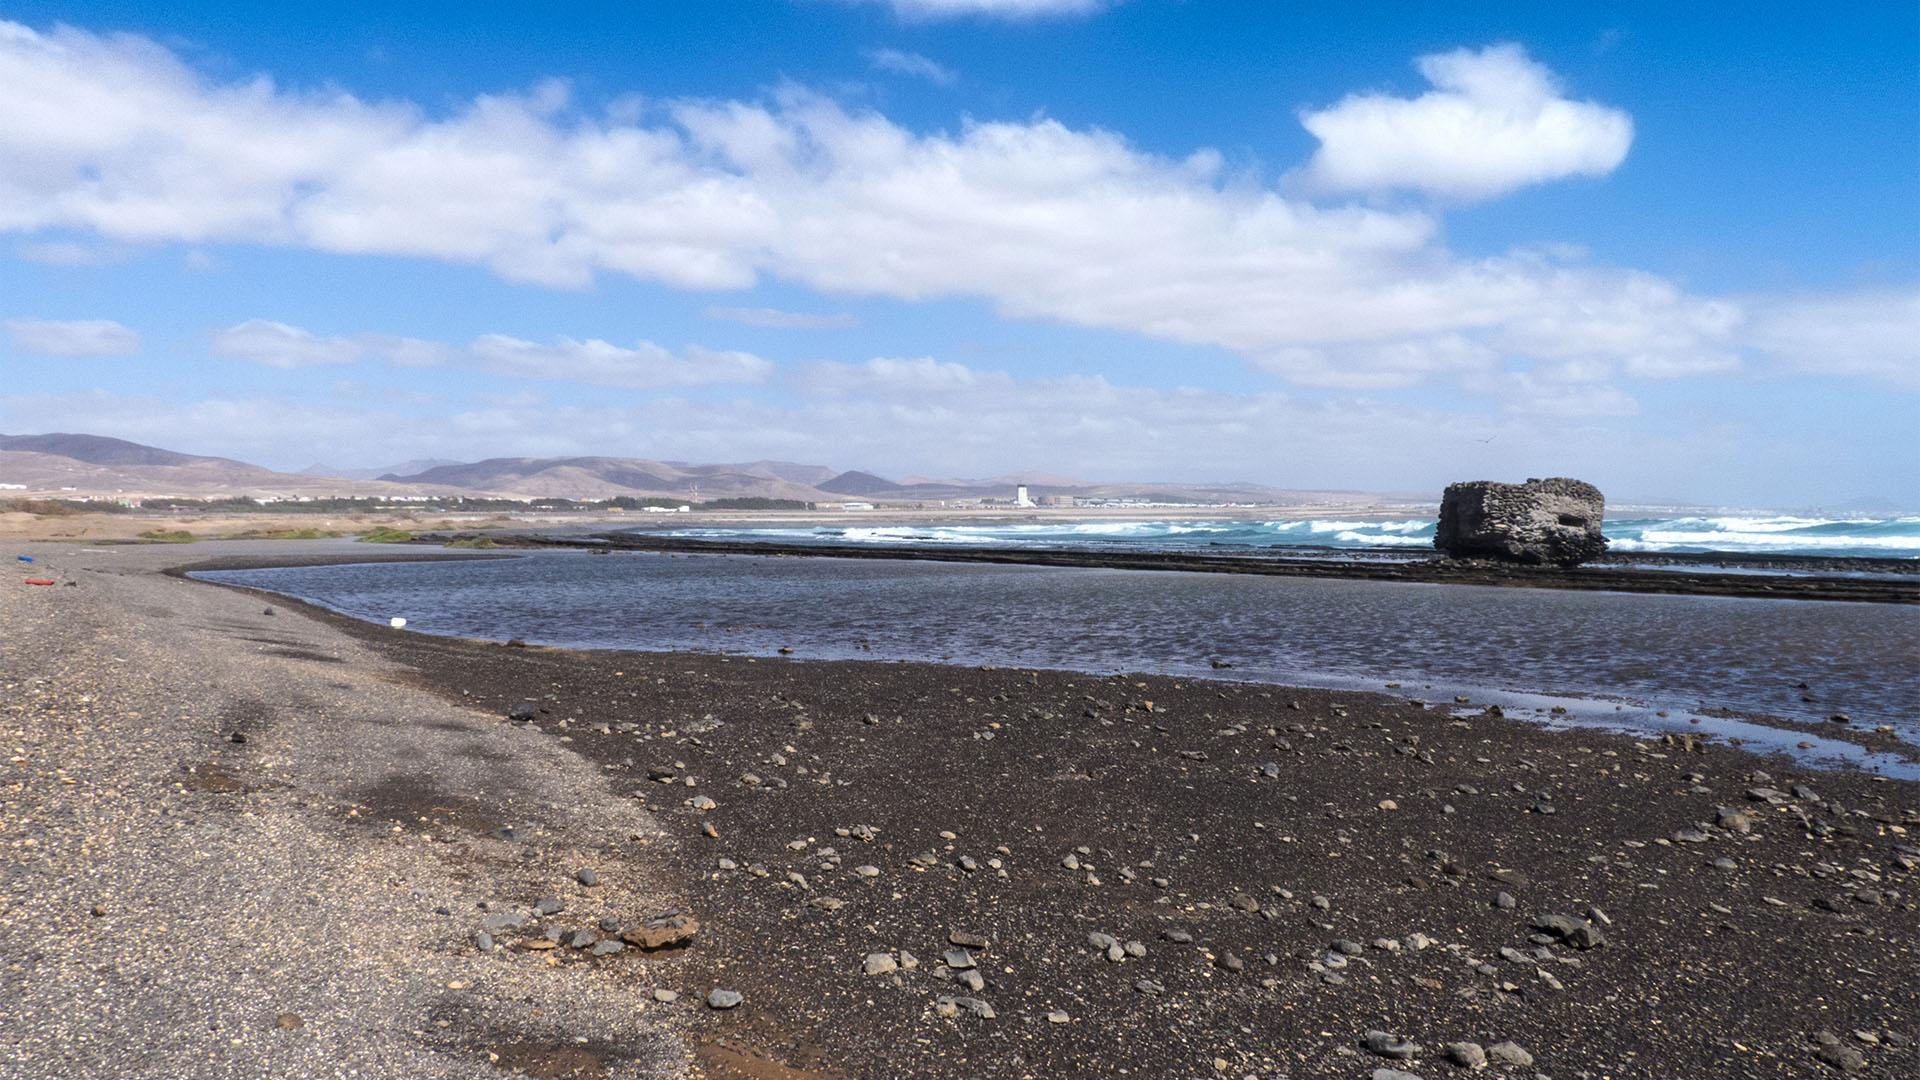 Die Strände Fuerteventuras: Playa del Matorral